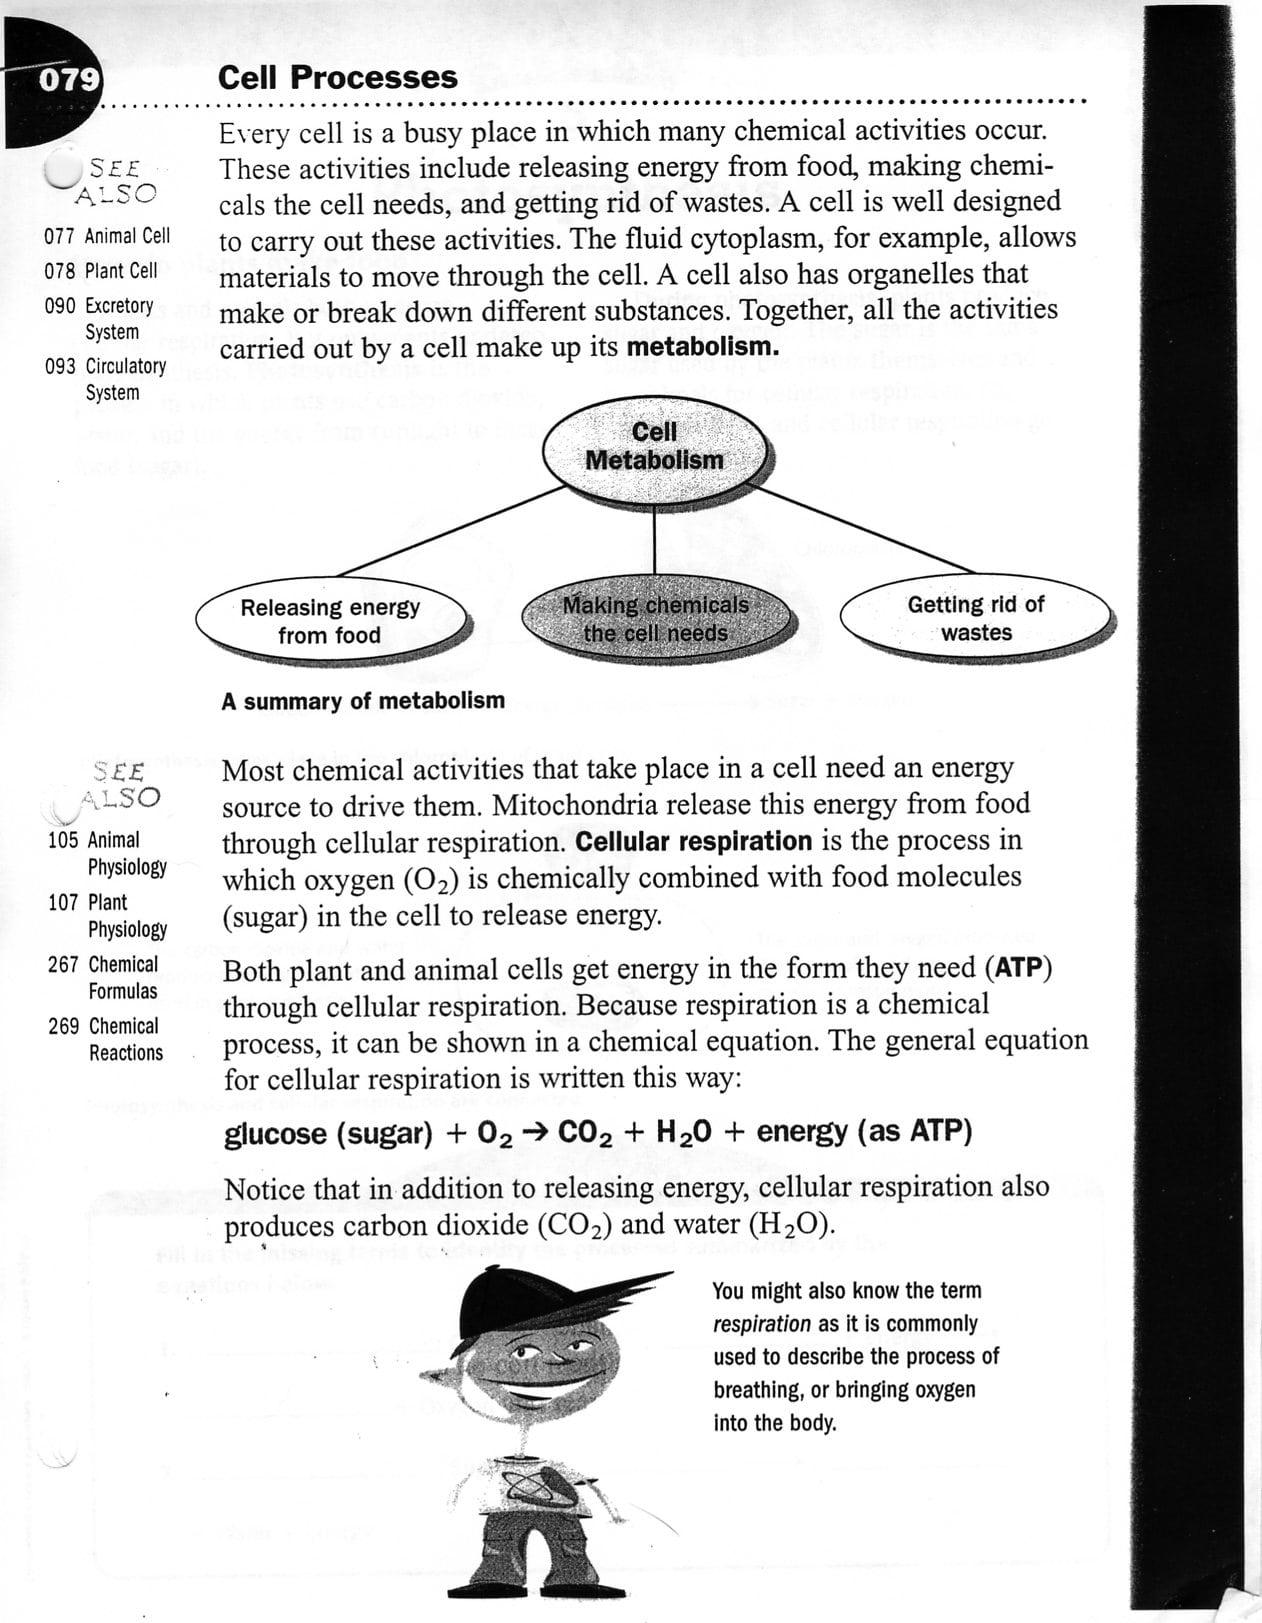 Cellular Processes Worksheets